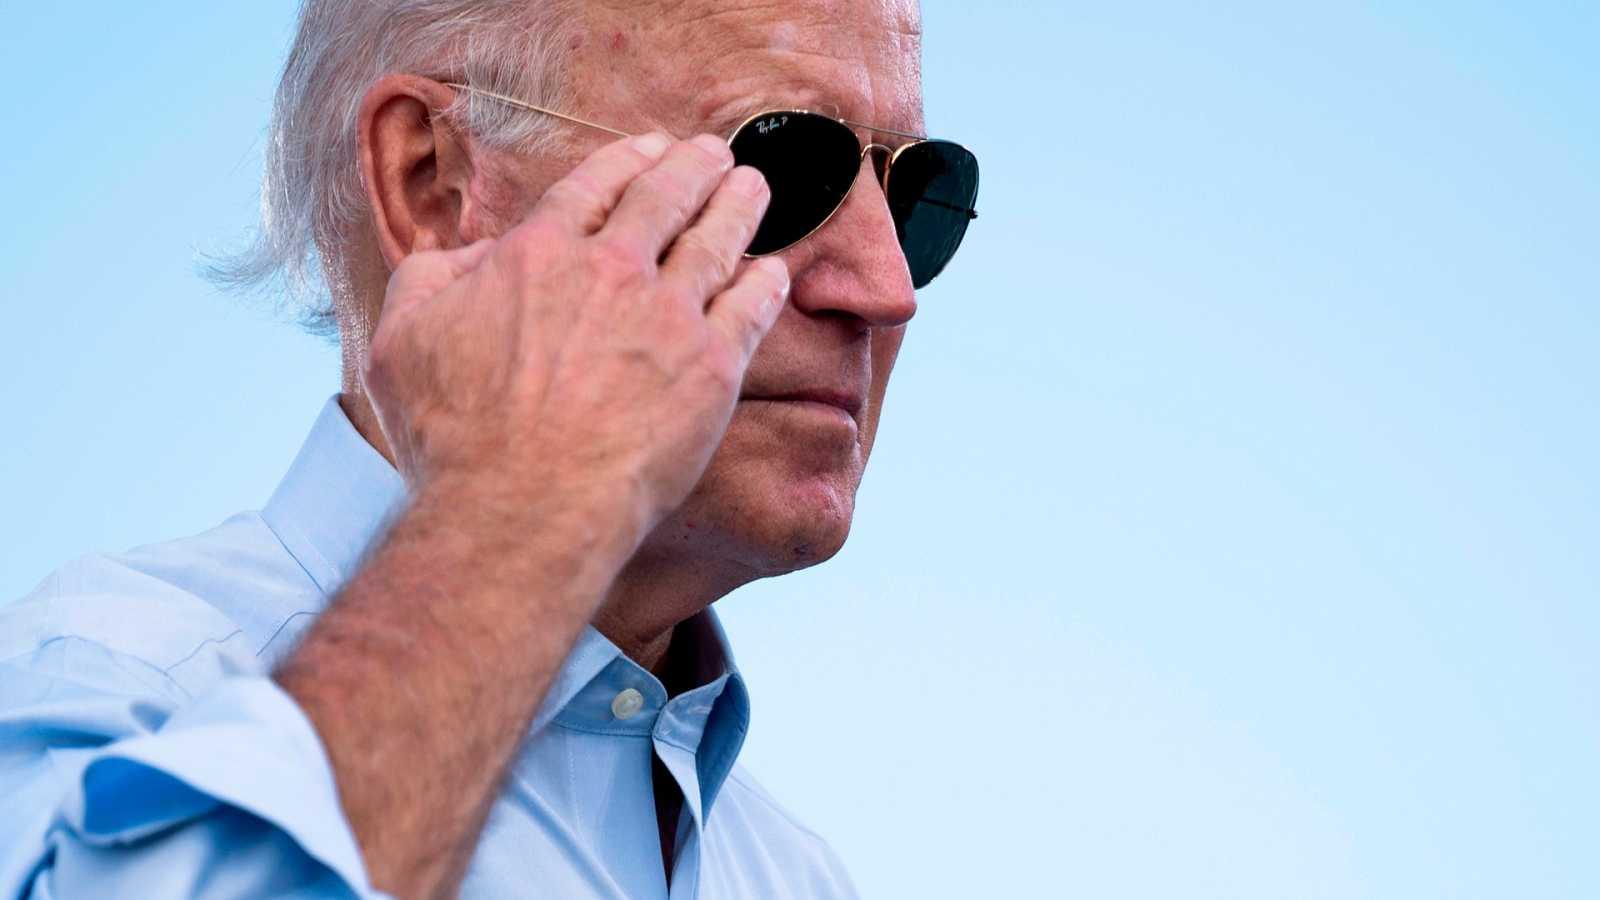 Reportajes 5 Continentes - Elecciones EE.UU.: ¿Qué política exterior con Biden? - Escuchar ahora